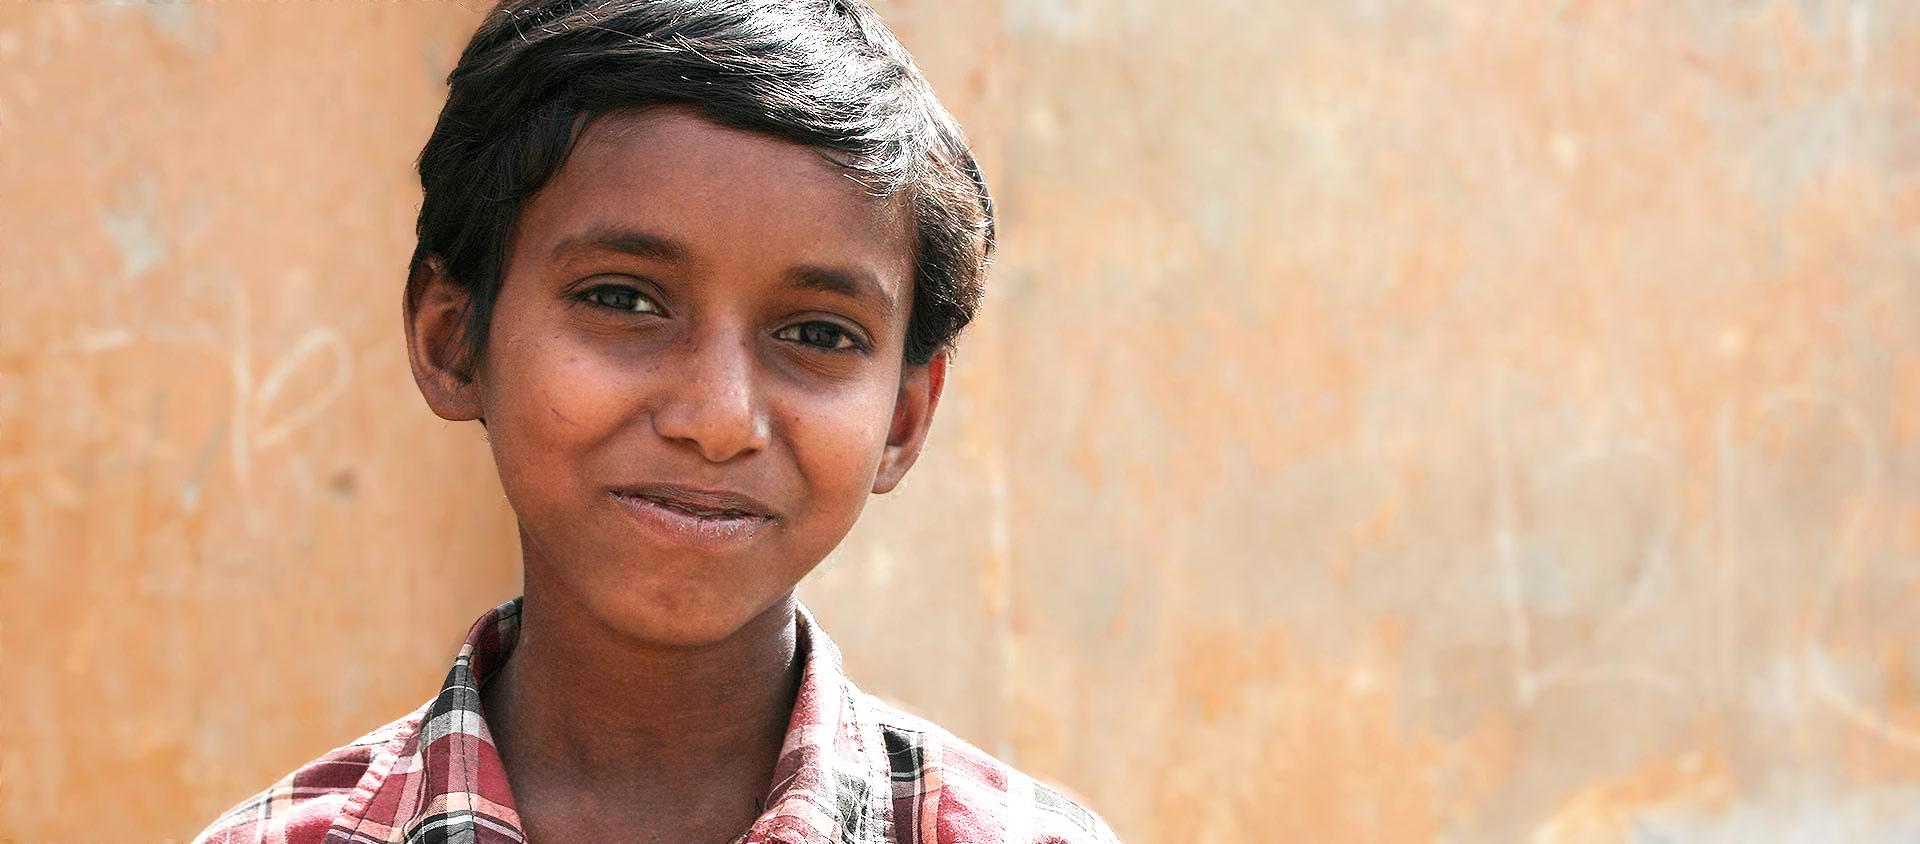 akir bor tillsammans med sin familj i utkanten av Indiens huvudstad New Delhi. De bor i stadens fattigaste delar, i slummen.